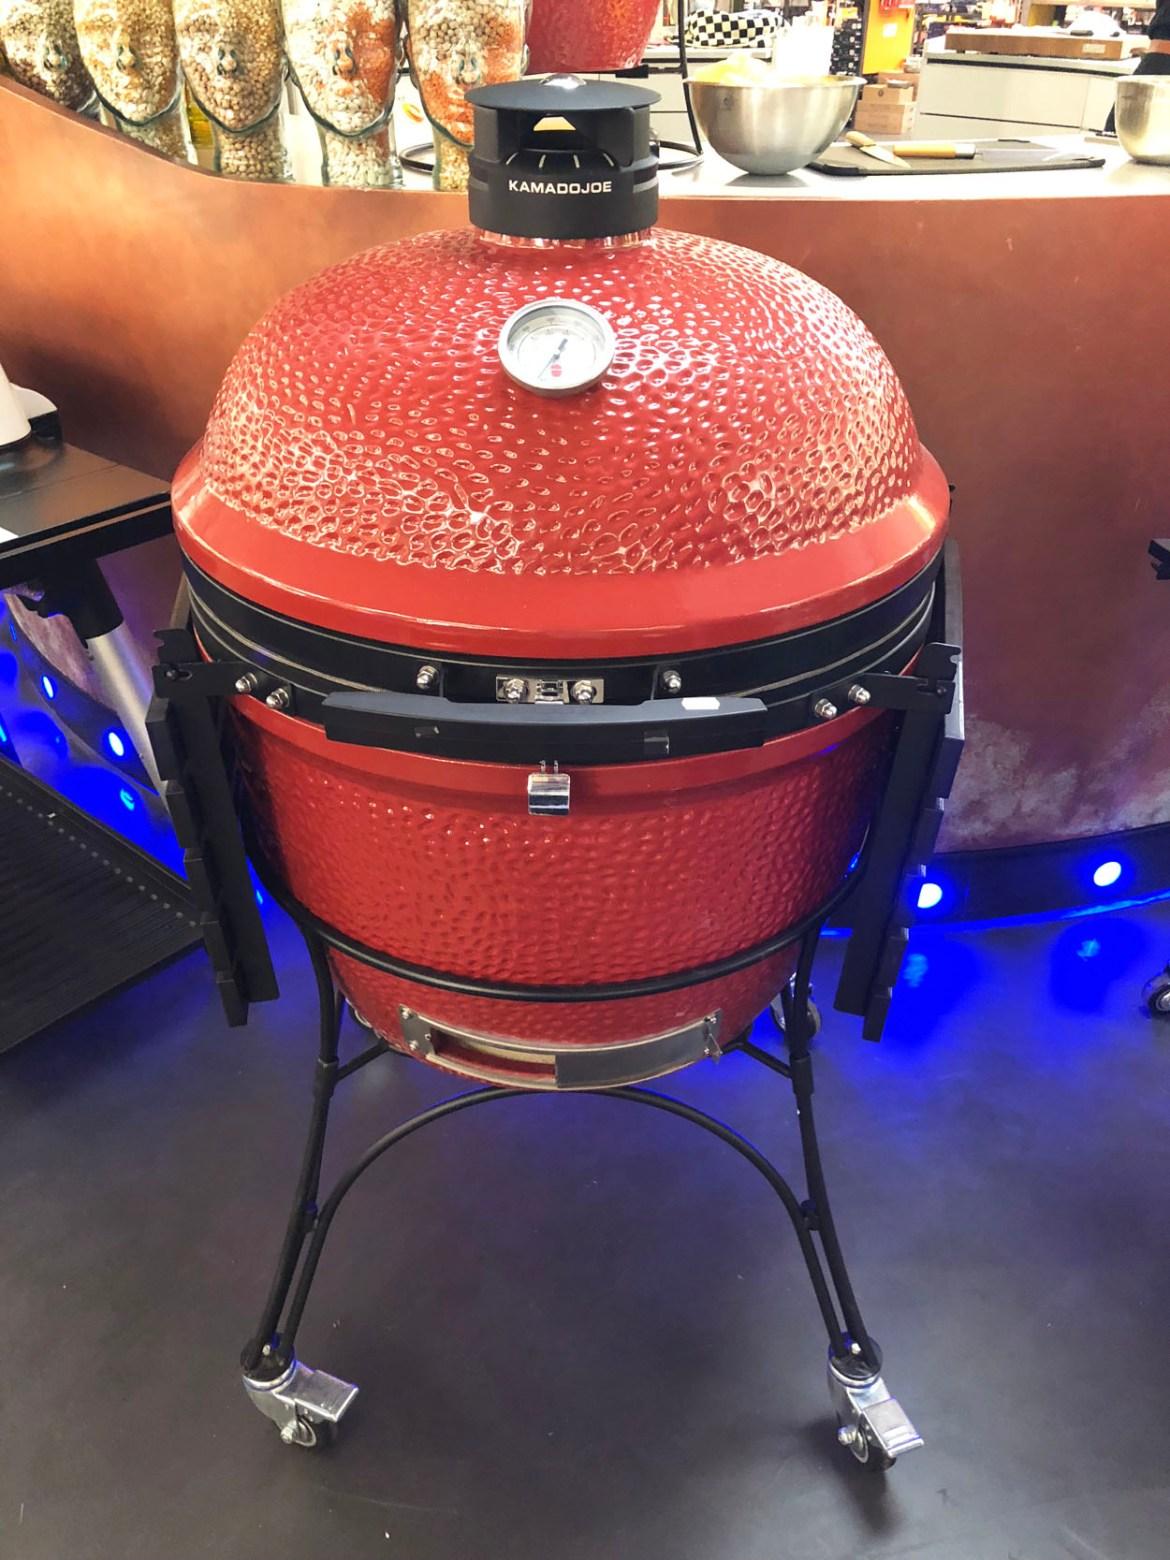 Kamadojoe barbecue grill Kookpunt